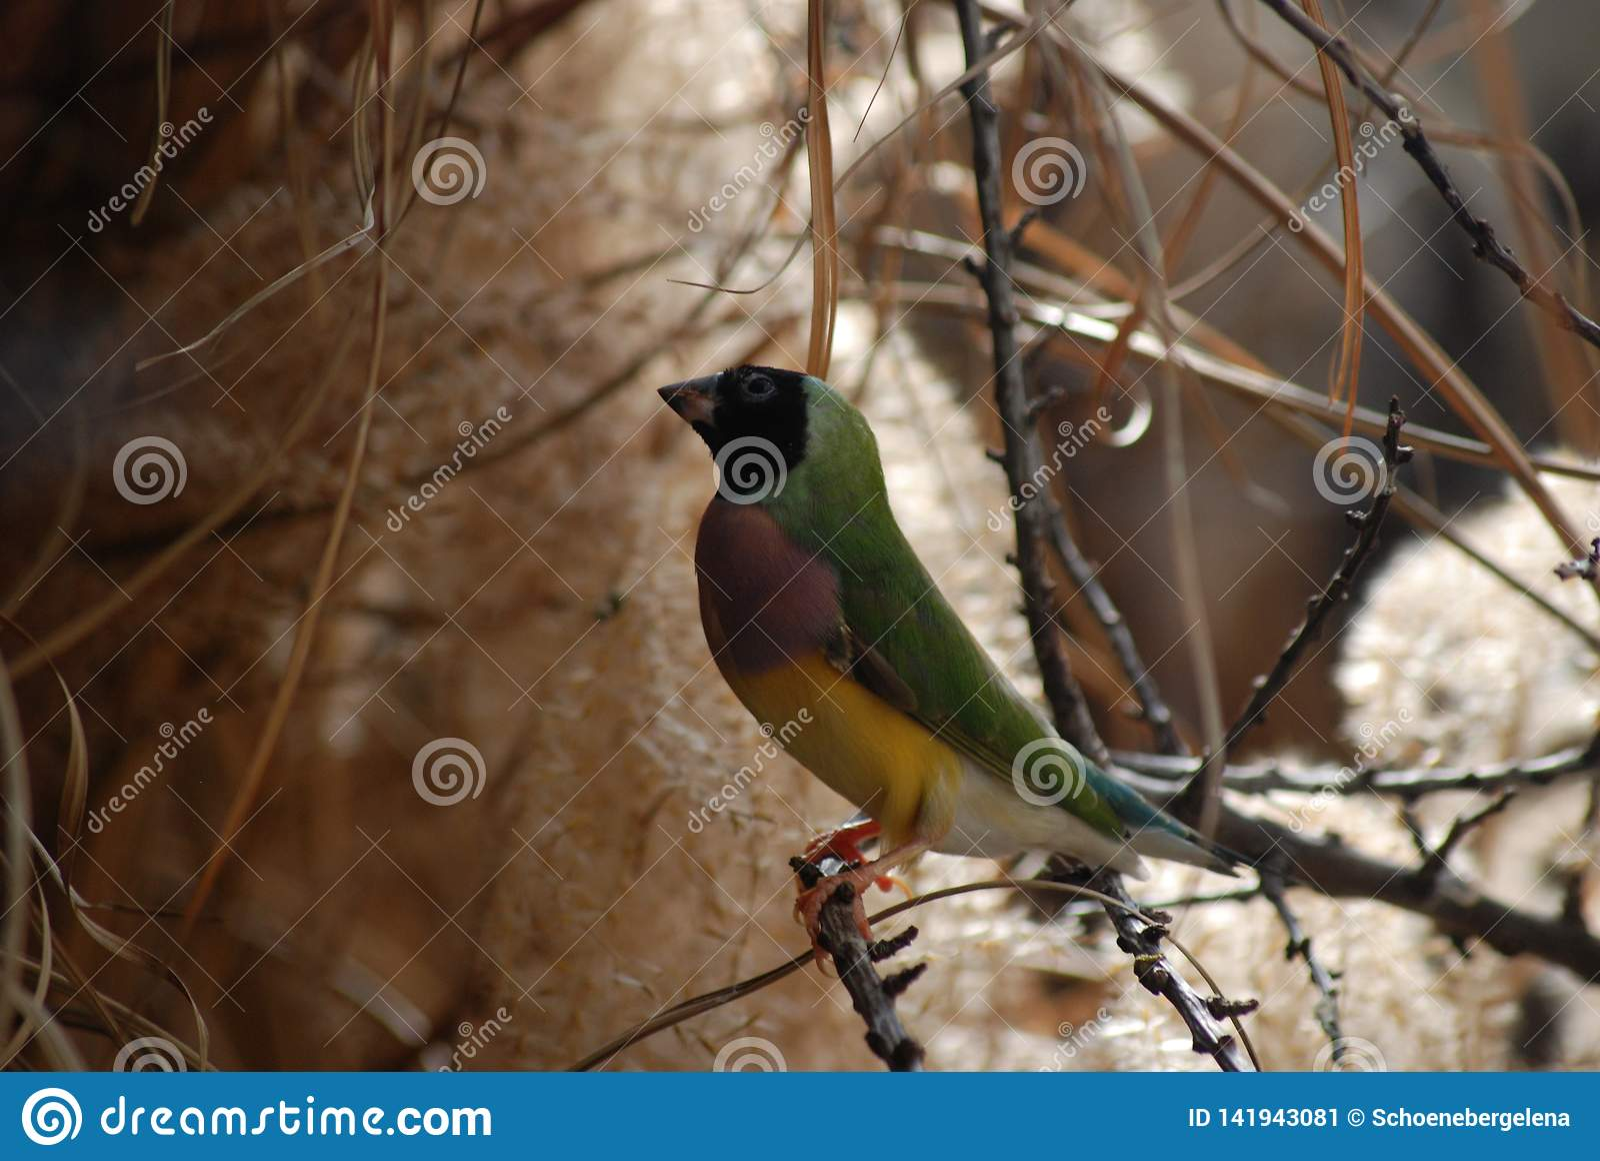 Passarinho fêmea tropical de Gouldian